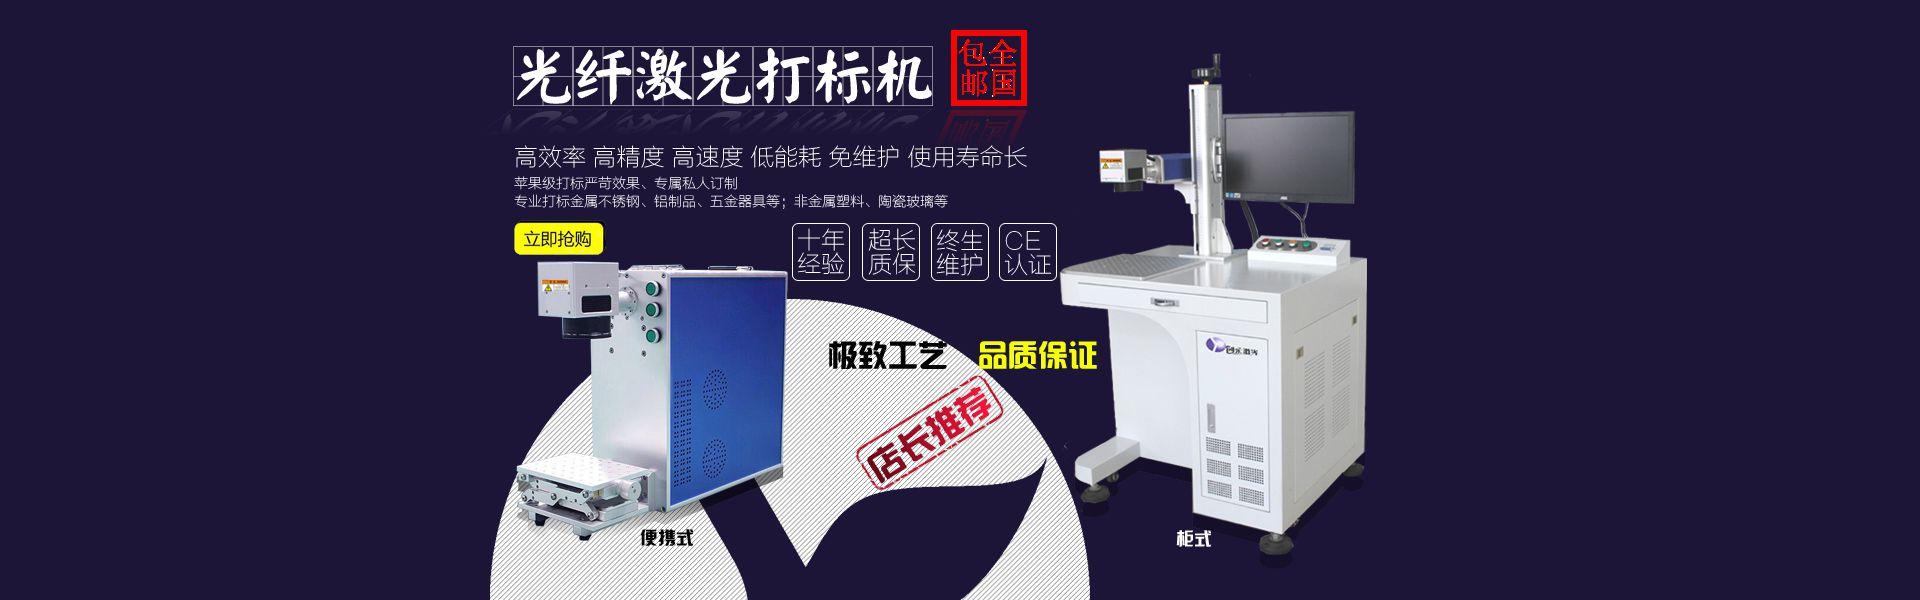 江苏创永激光金属科技有限公司